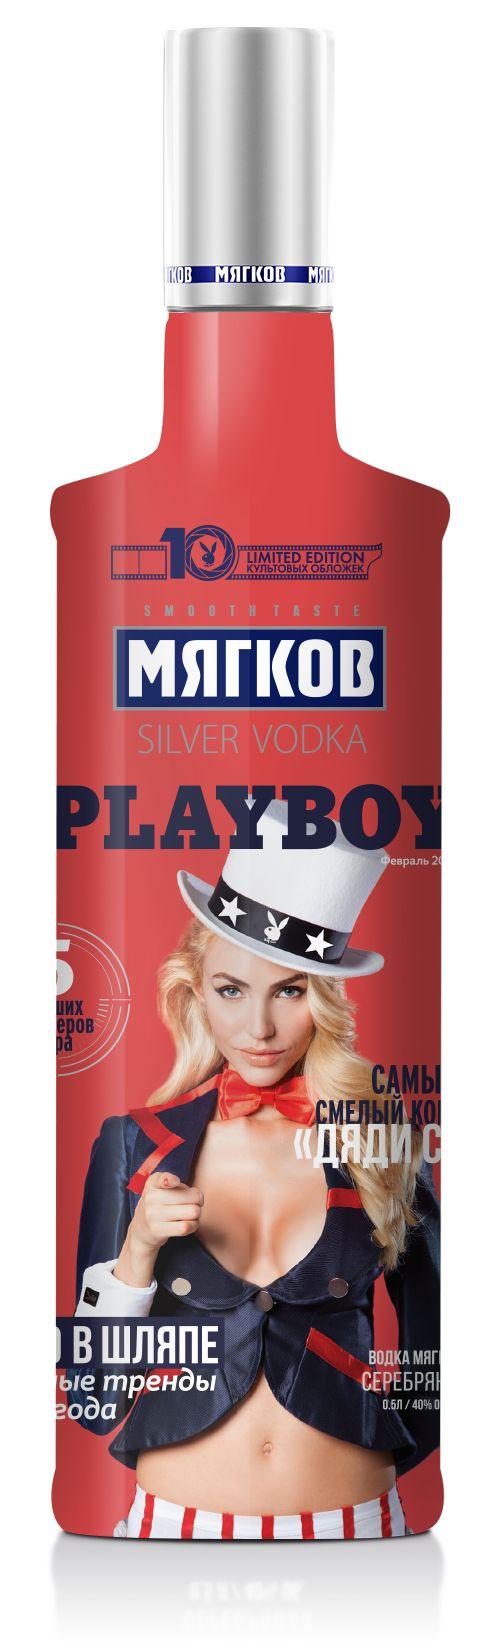 Myagkov Playboy Limited Edition, 2013 year cover remake.  Мягков Плейбой Лимитированная серия. Римейк обложки 2013 года. Vodka. Водка. Spirits.